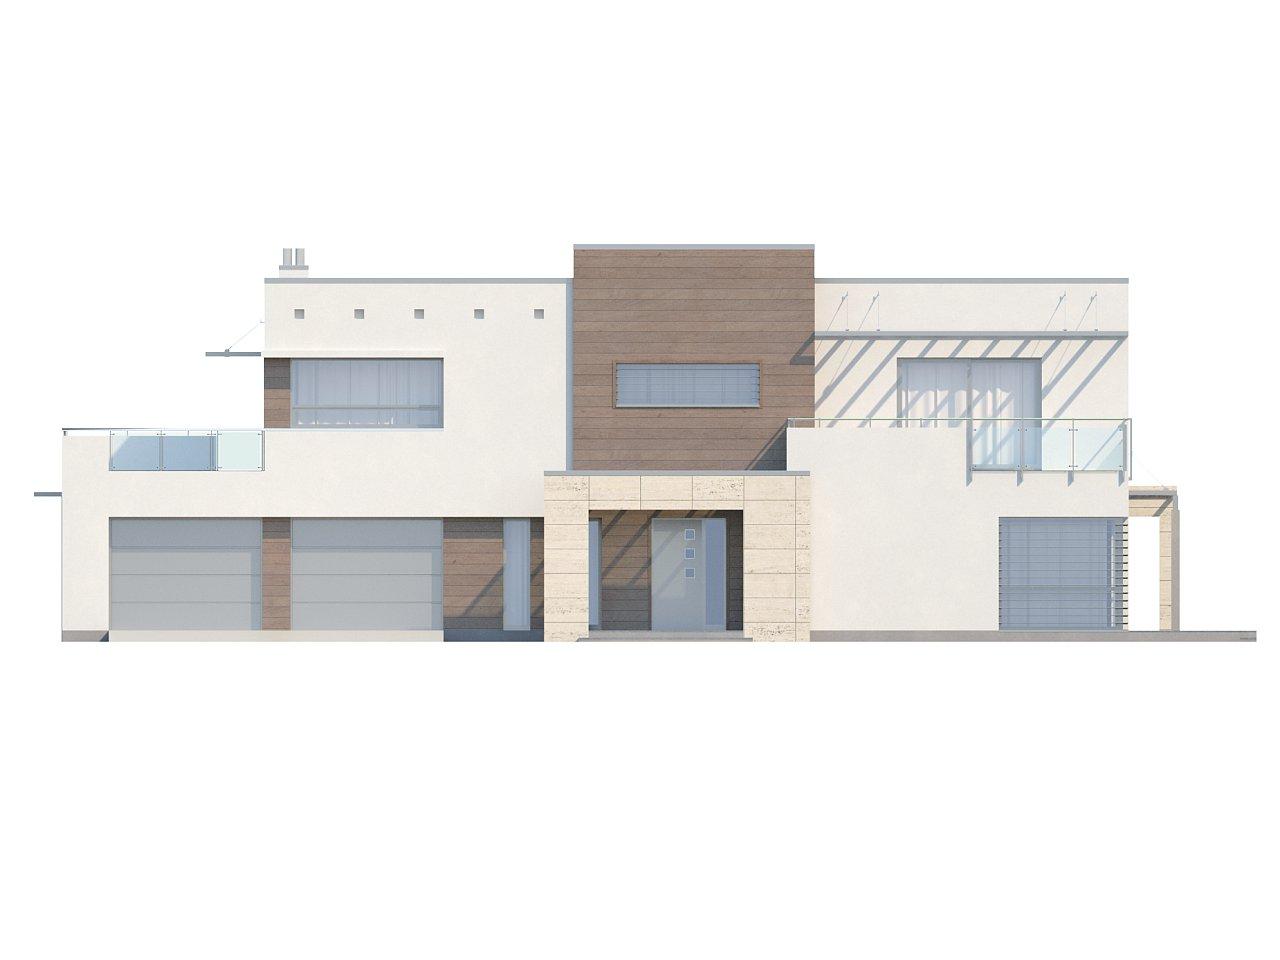 Версия проекта Zx15 с гаражом для двух автомобилей. - фото 24